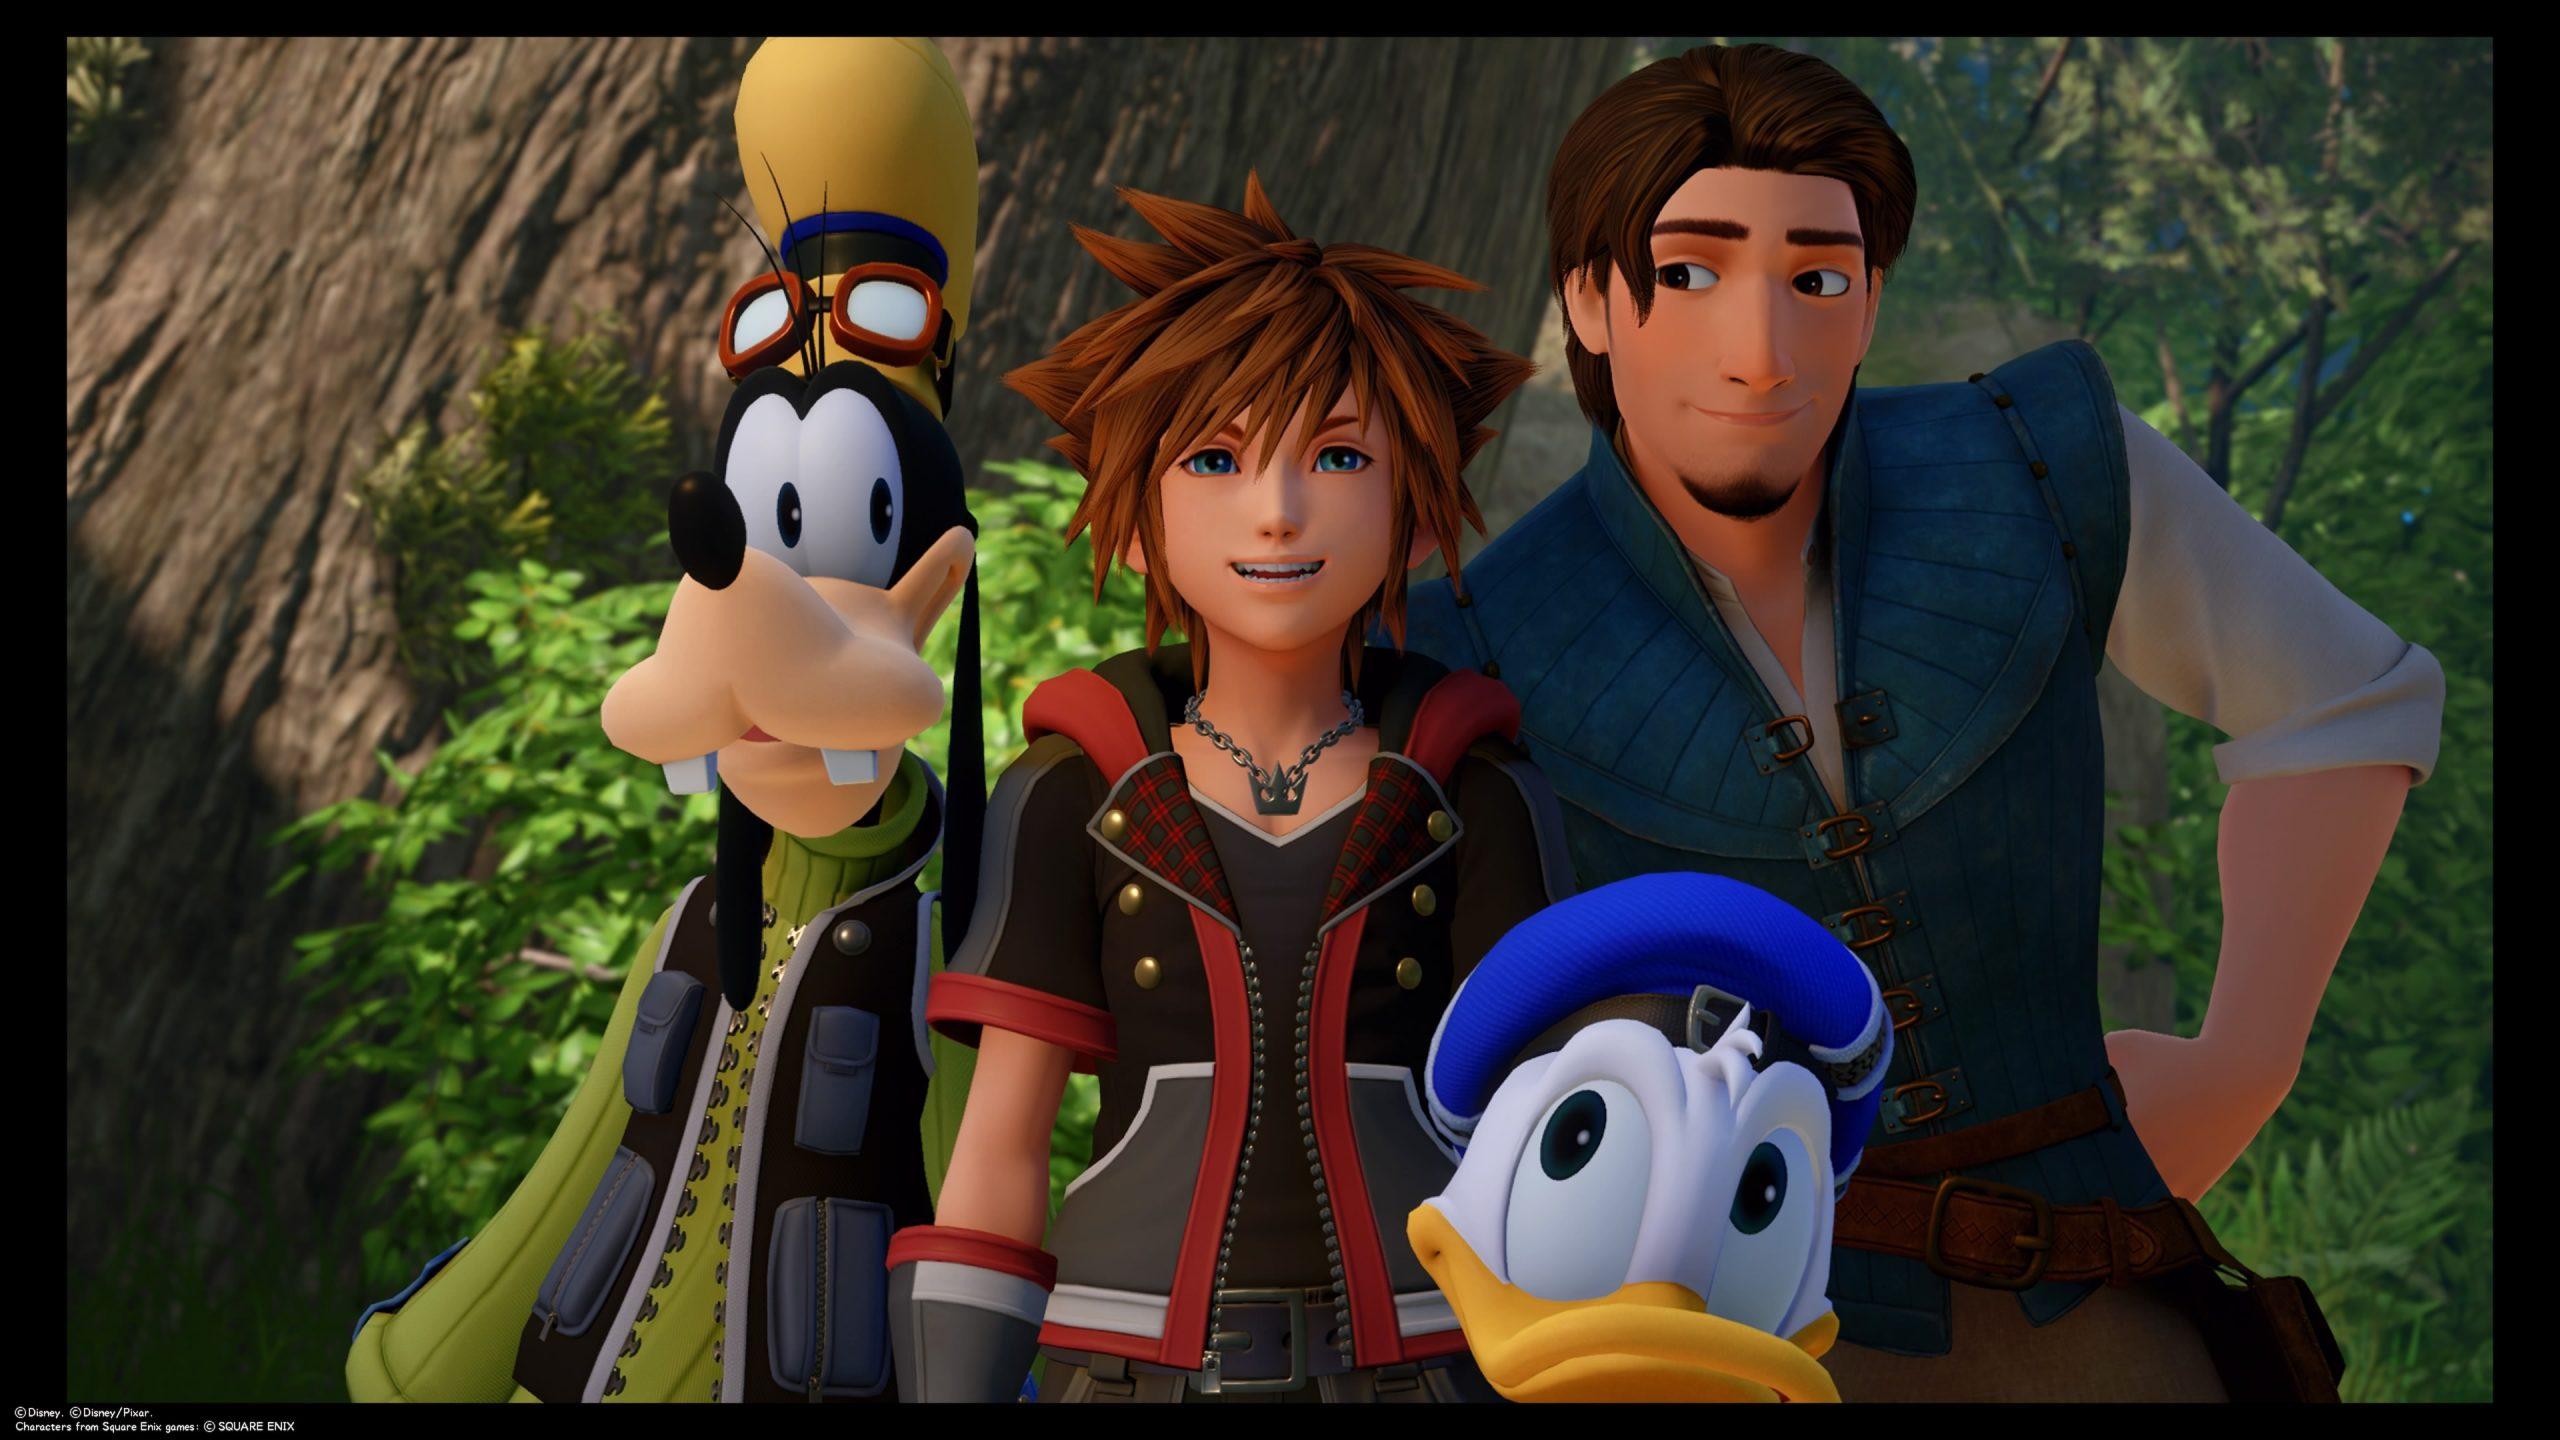 Tutta la saga di Kingdom Hearts arriverà su Nintendo Switch!